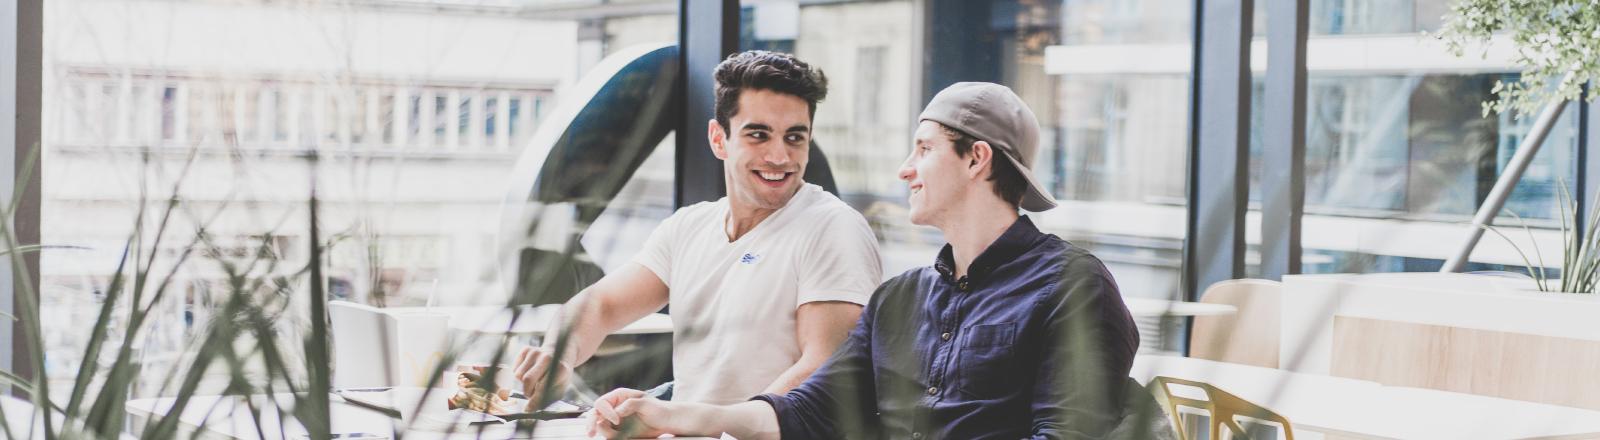 Zwei Männer sitzen nebeneinander und unterhalten sich in einem Café